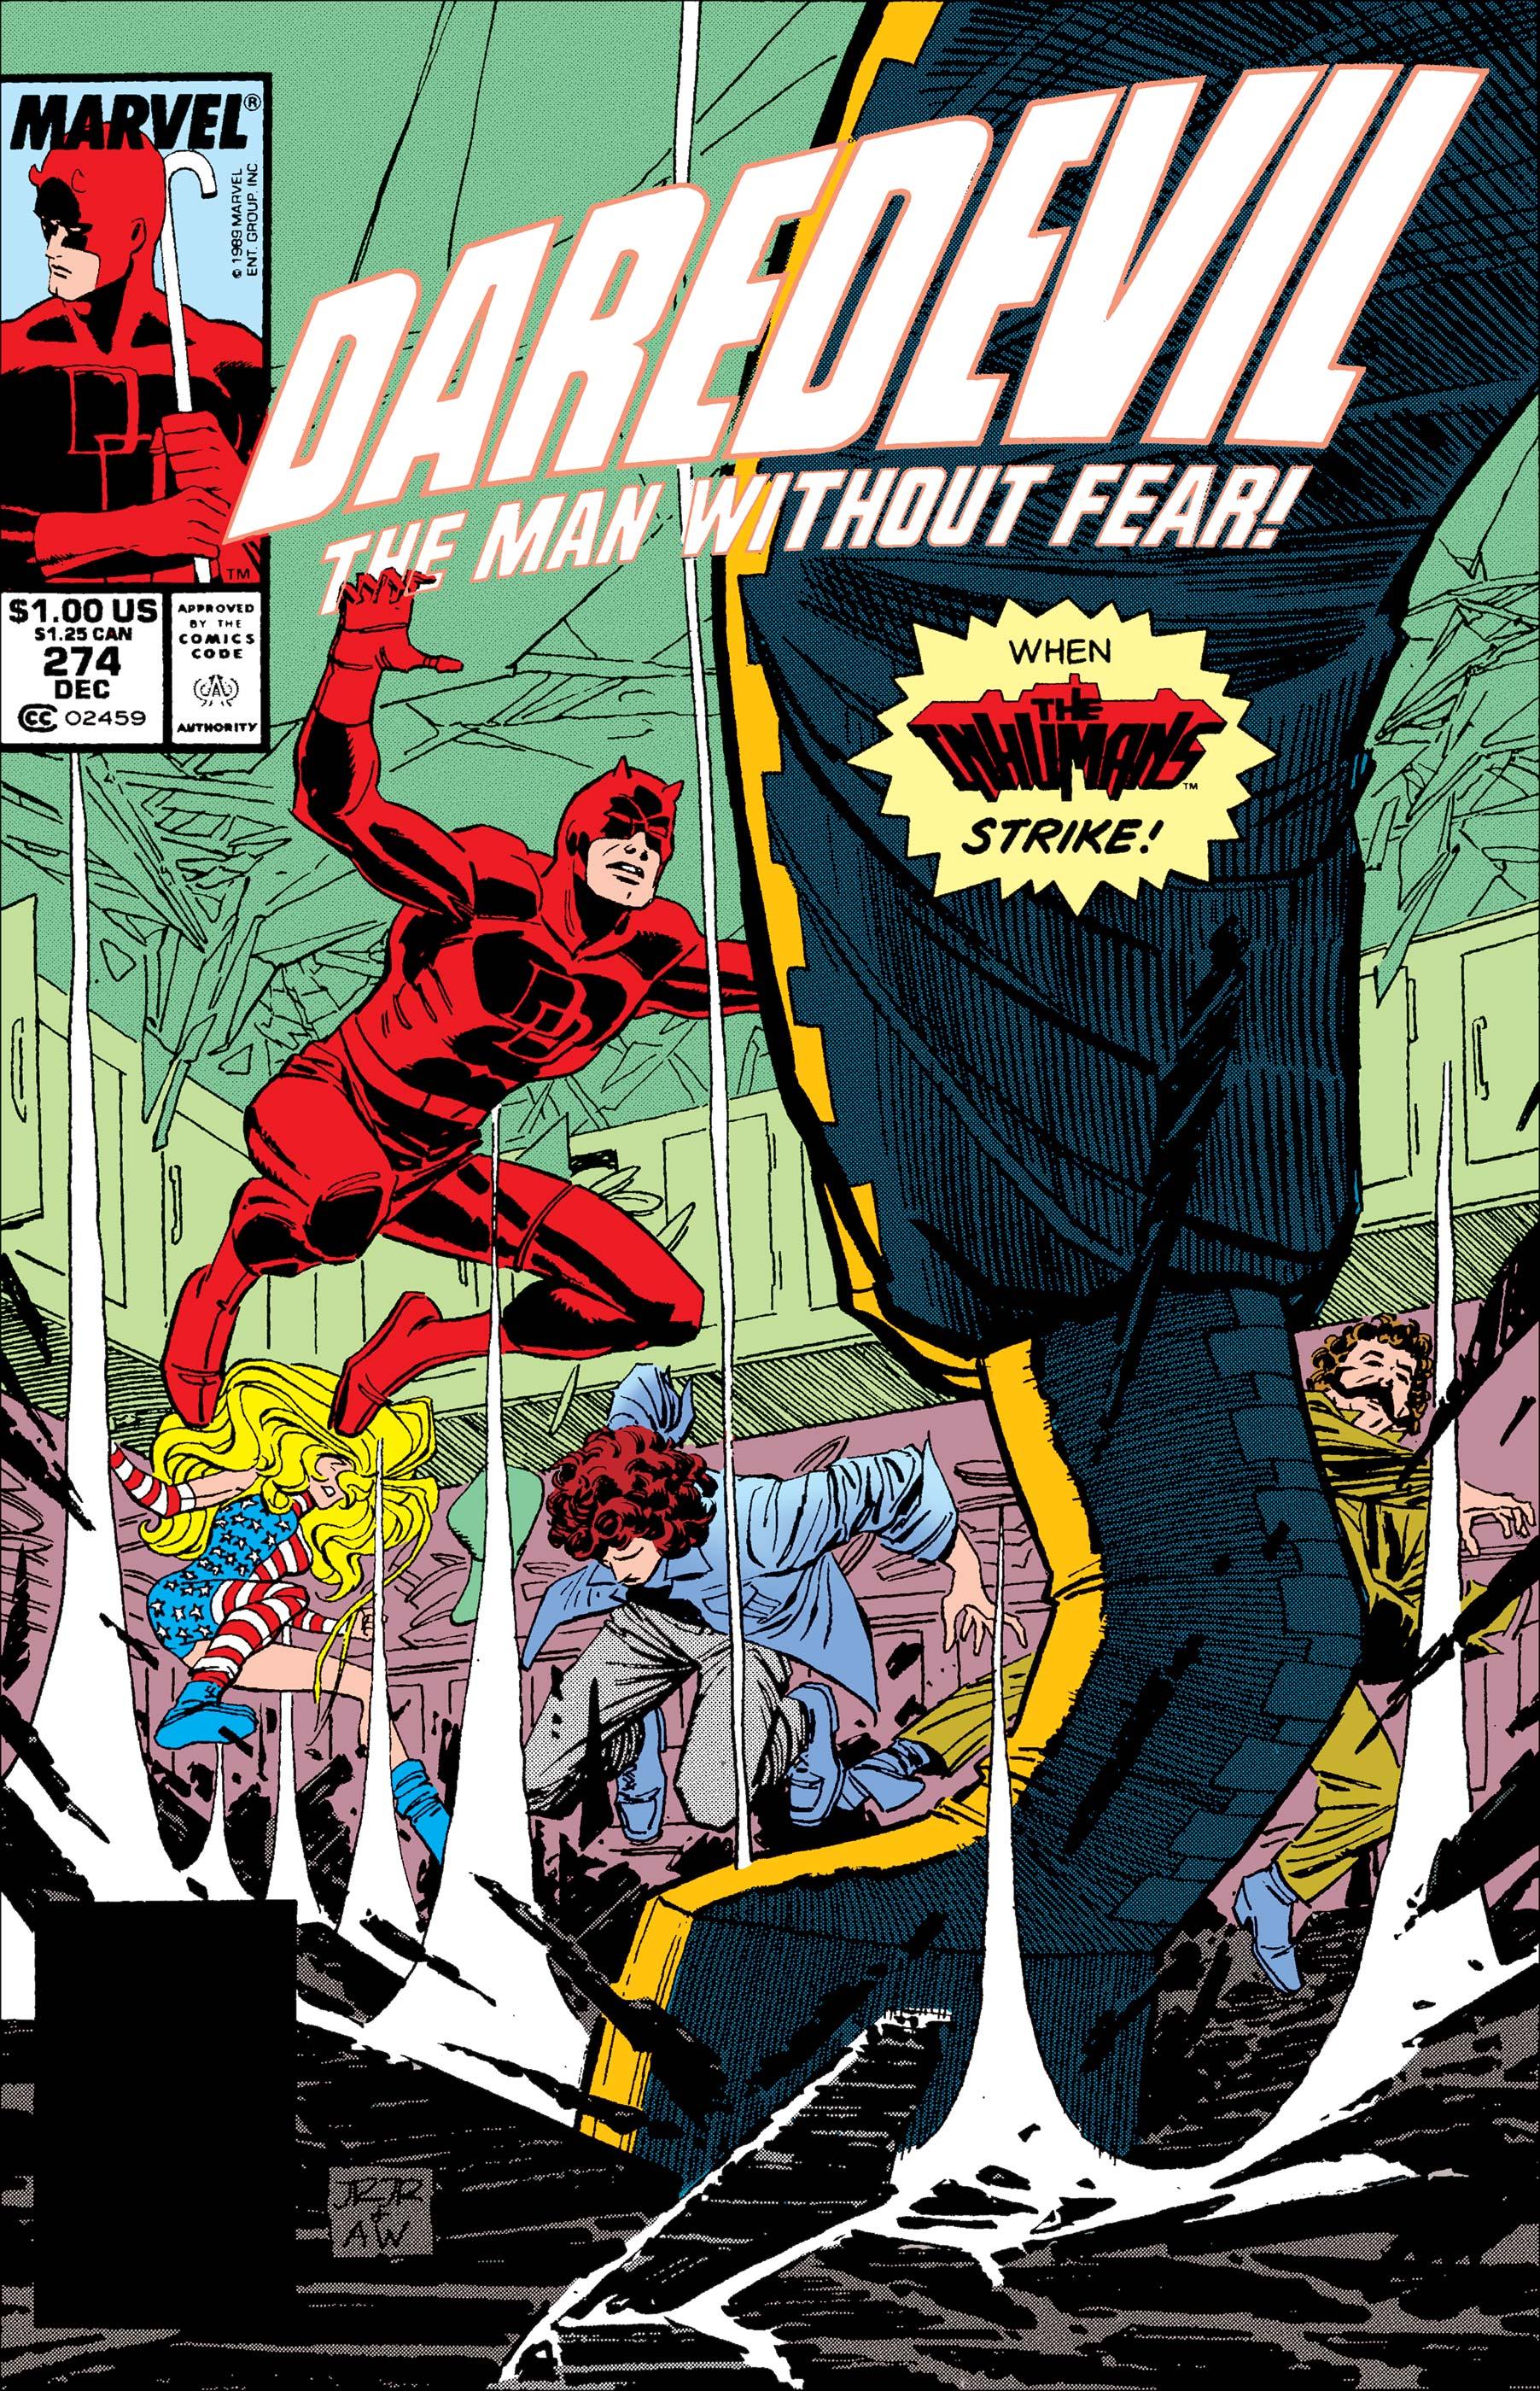 Daredevil (1964) #274